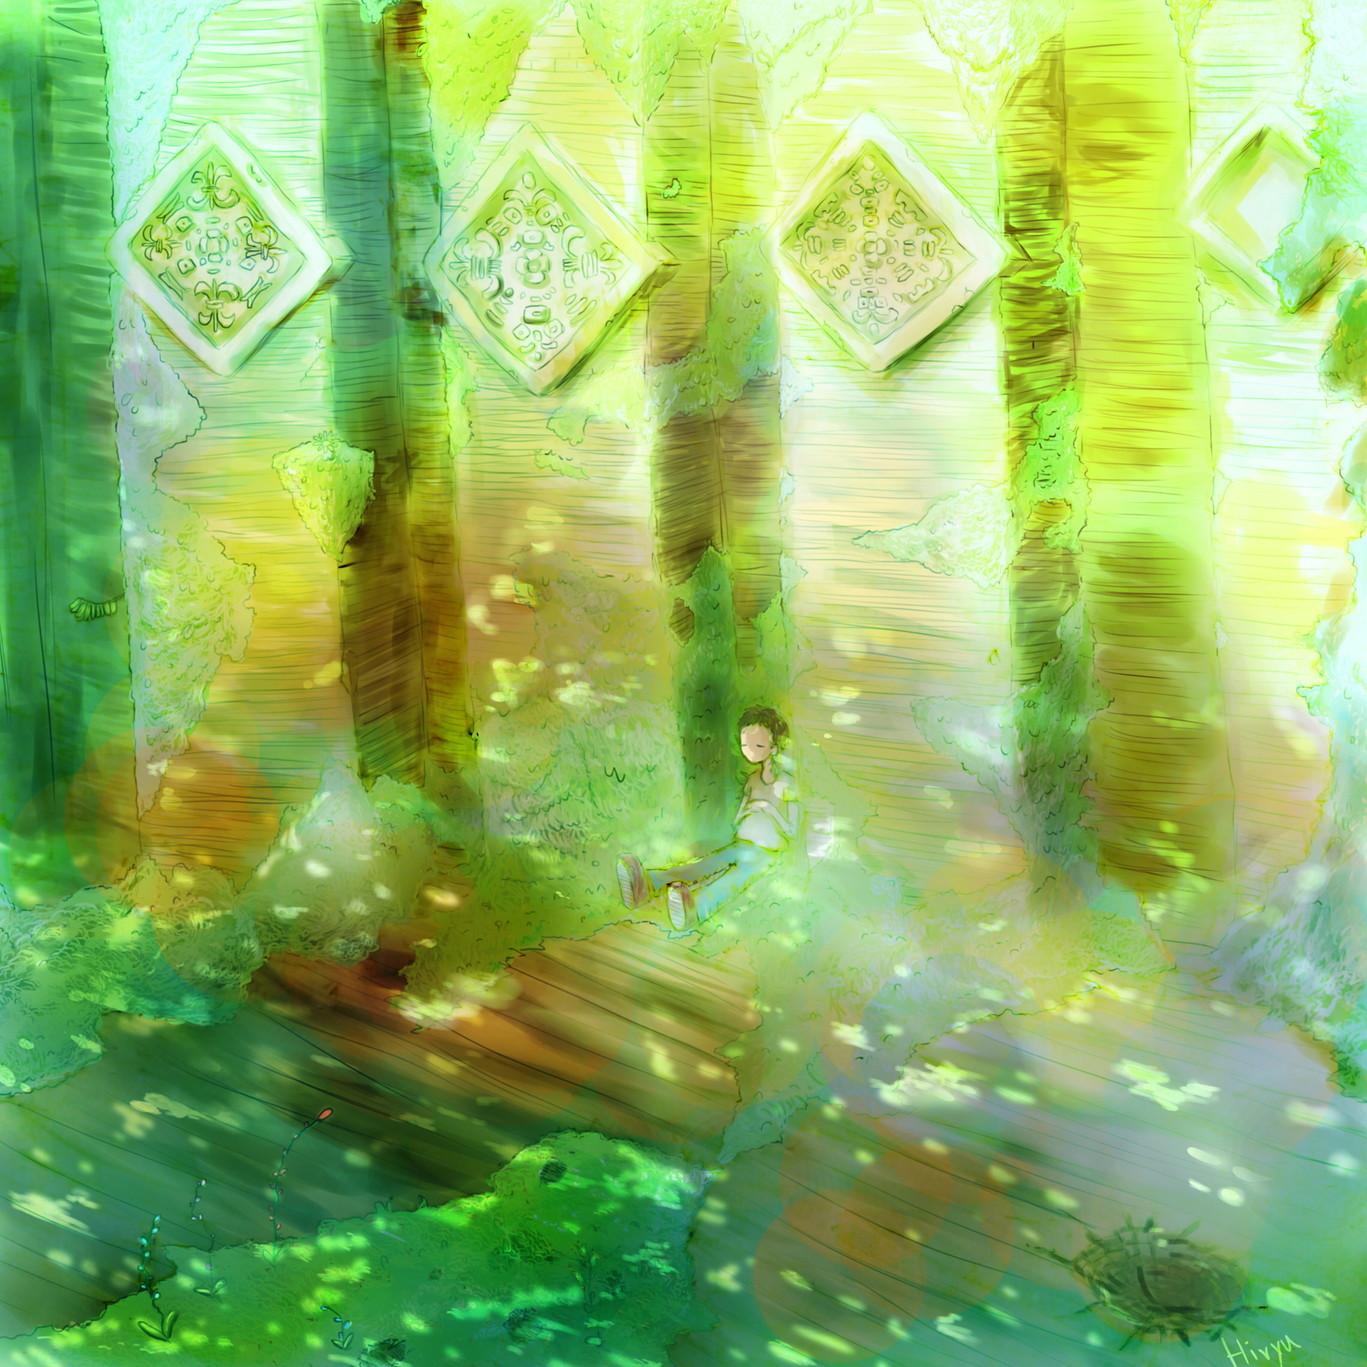 絵画 インテリア アートパネル 雑貨 壁掛け 置物 おしゃれ イラスト ロココロ 画家 : 志摩飛龍 作品 : Birth by Sleep